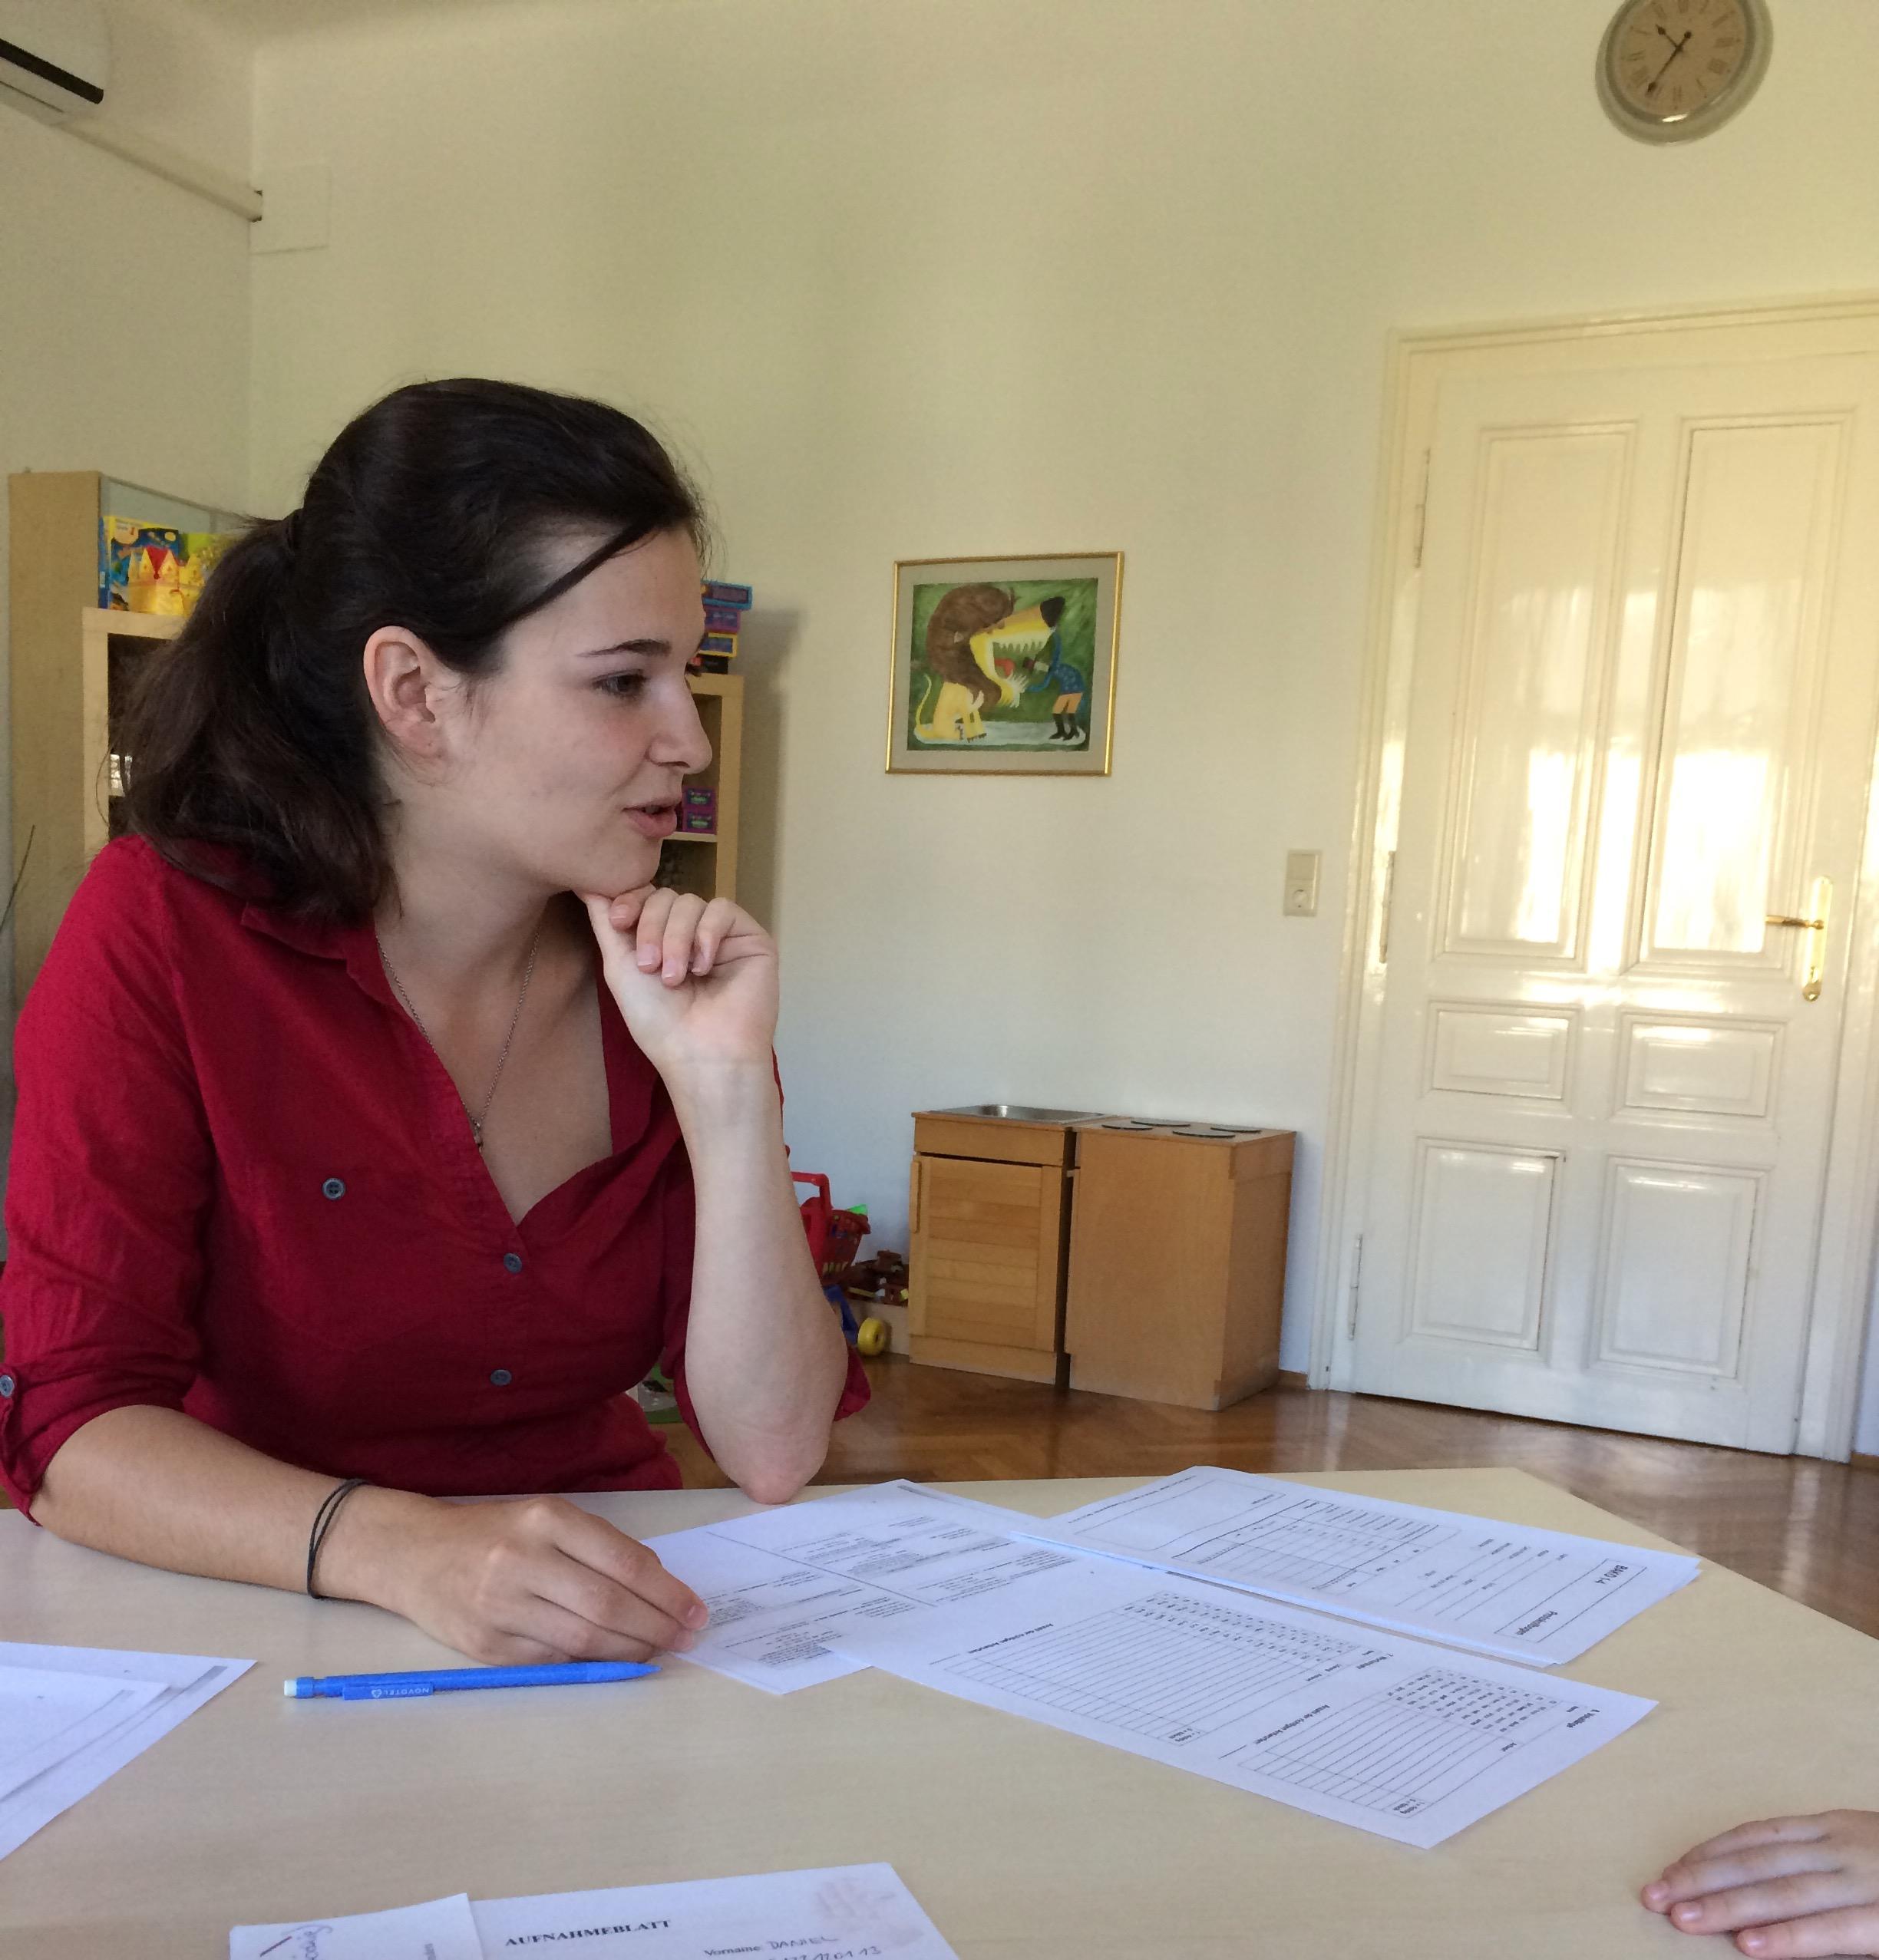 Logopädin Anita Obersteiner BSc - Diagnostik der Lese/Rechtschreibstörung